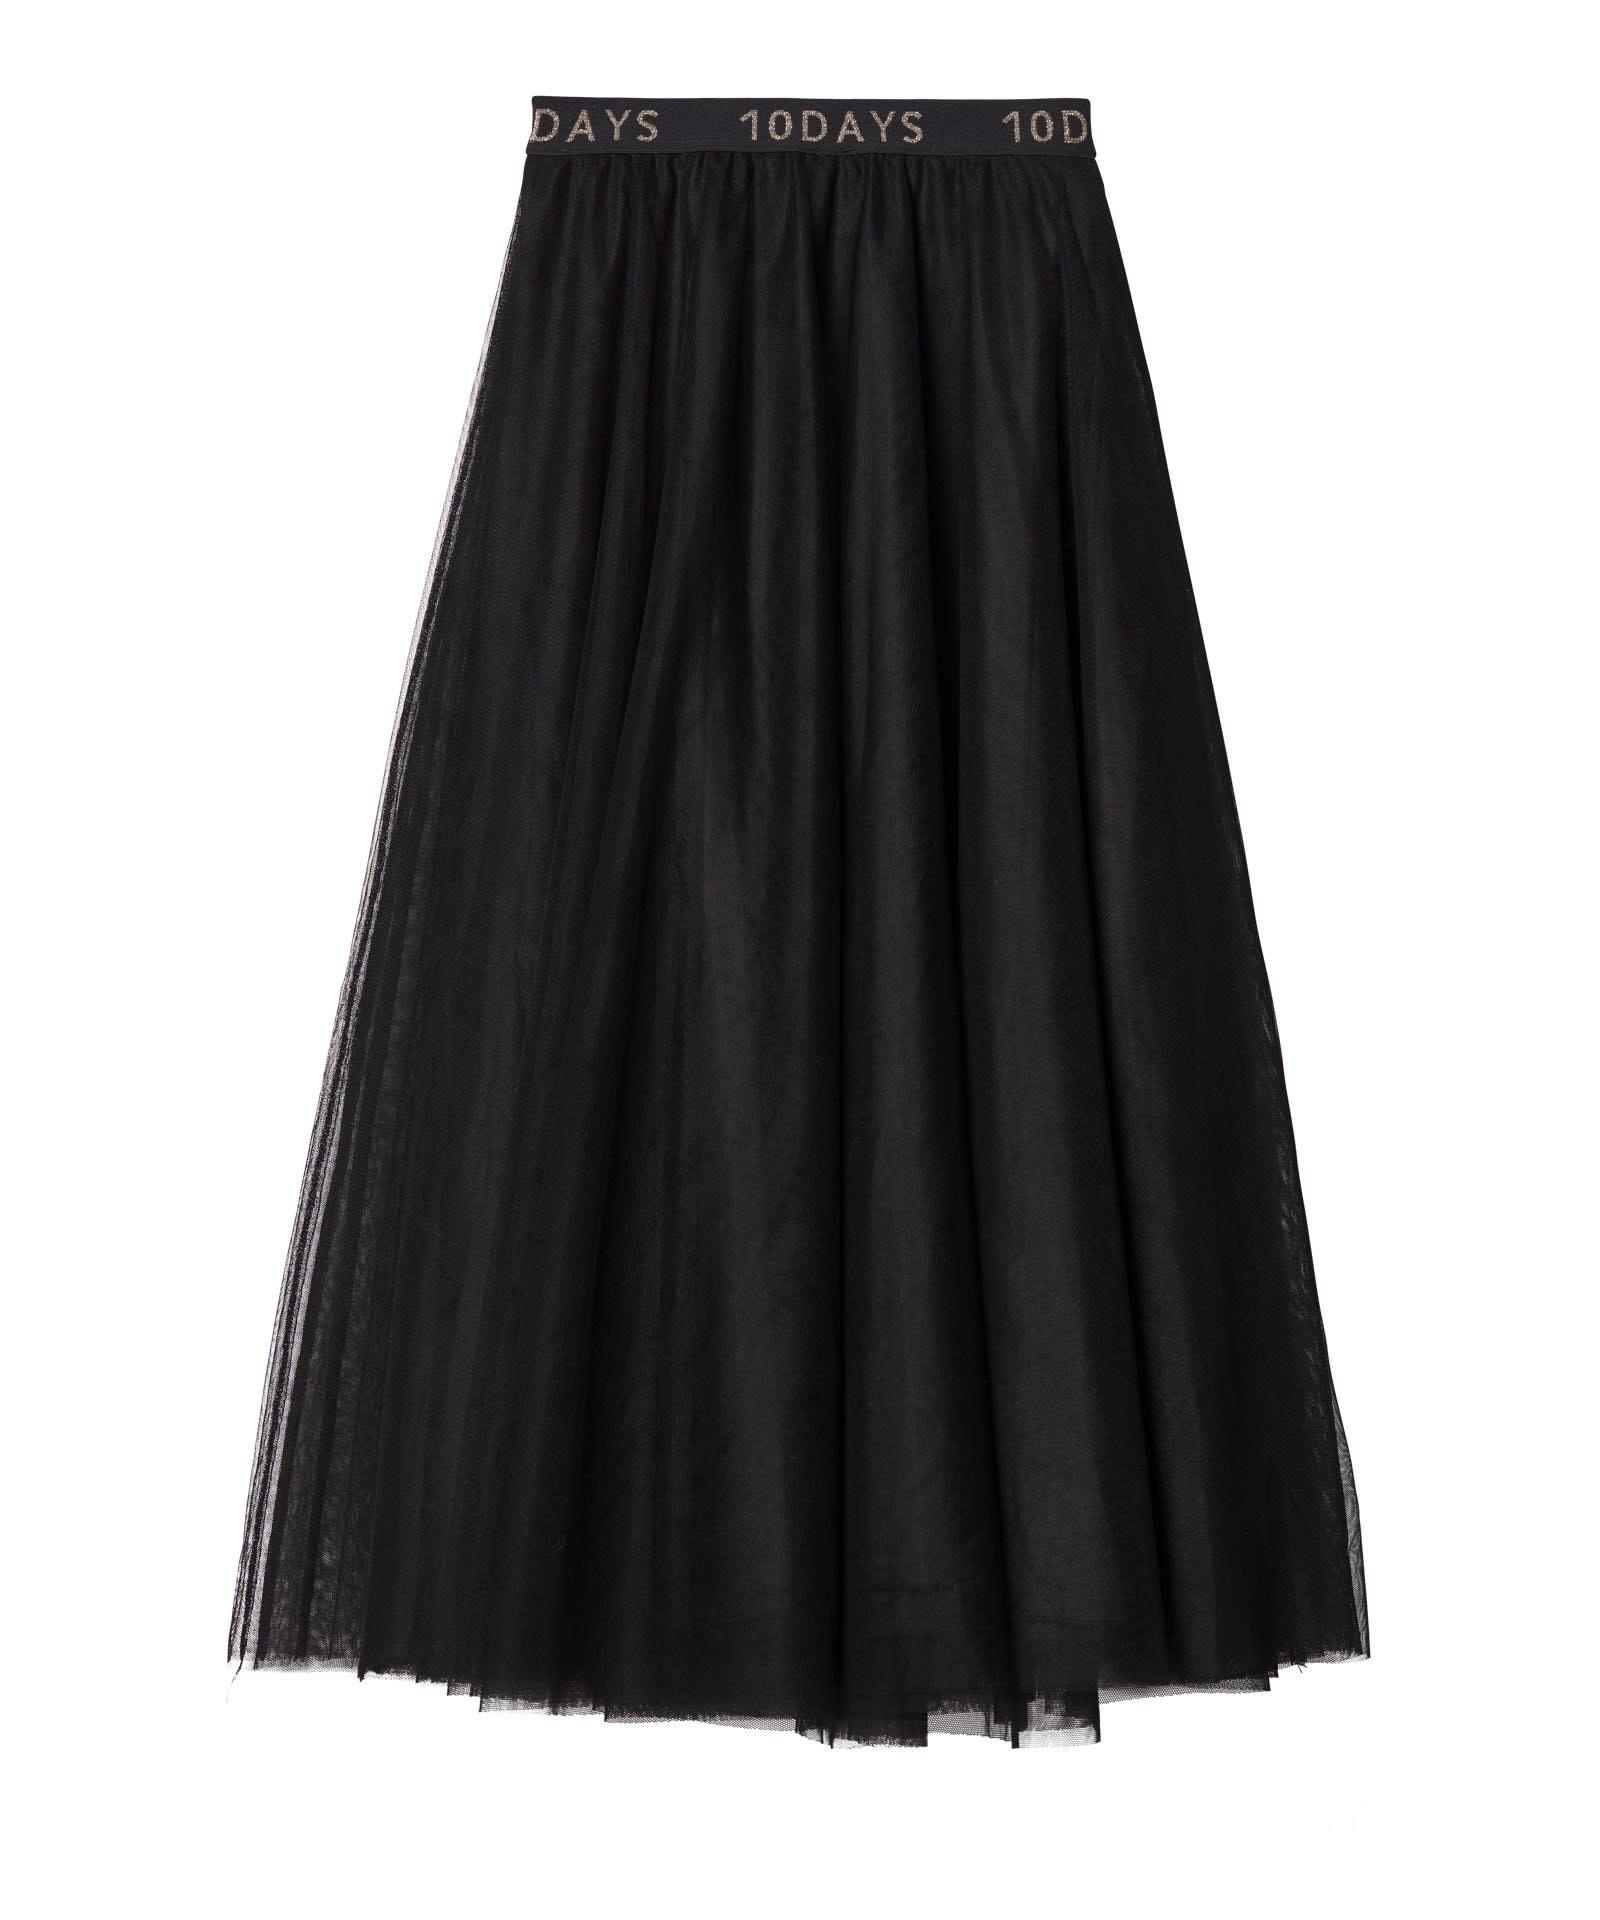 Rok Tulle skirt black-4